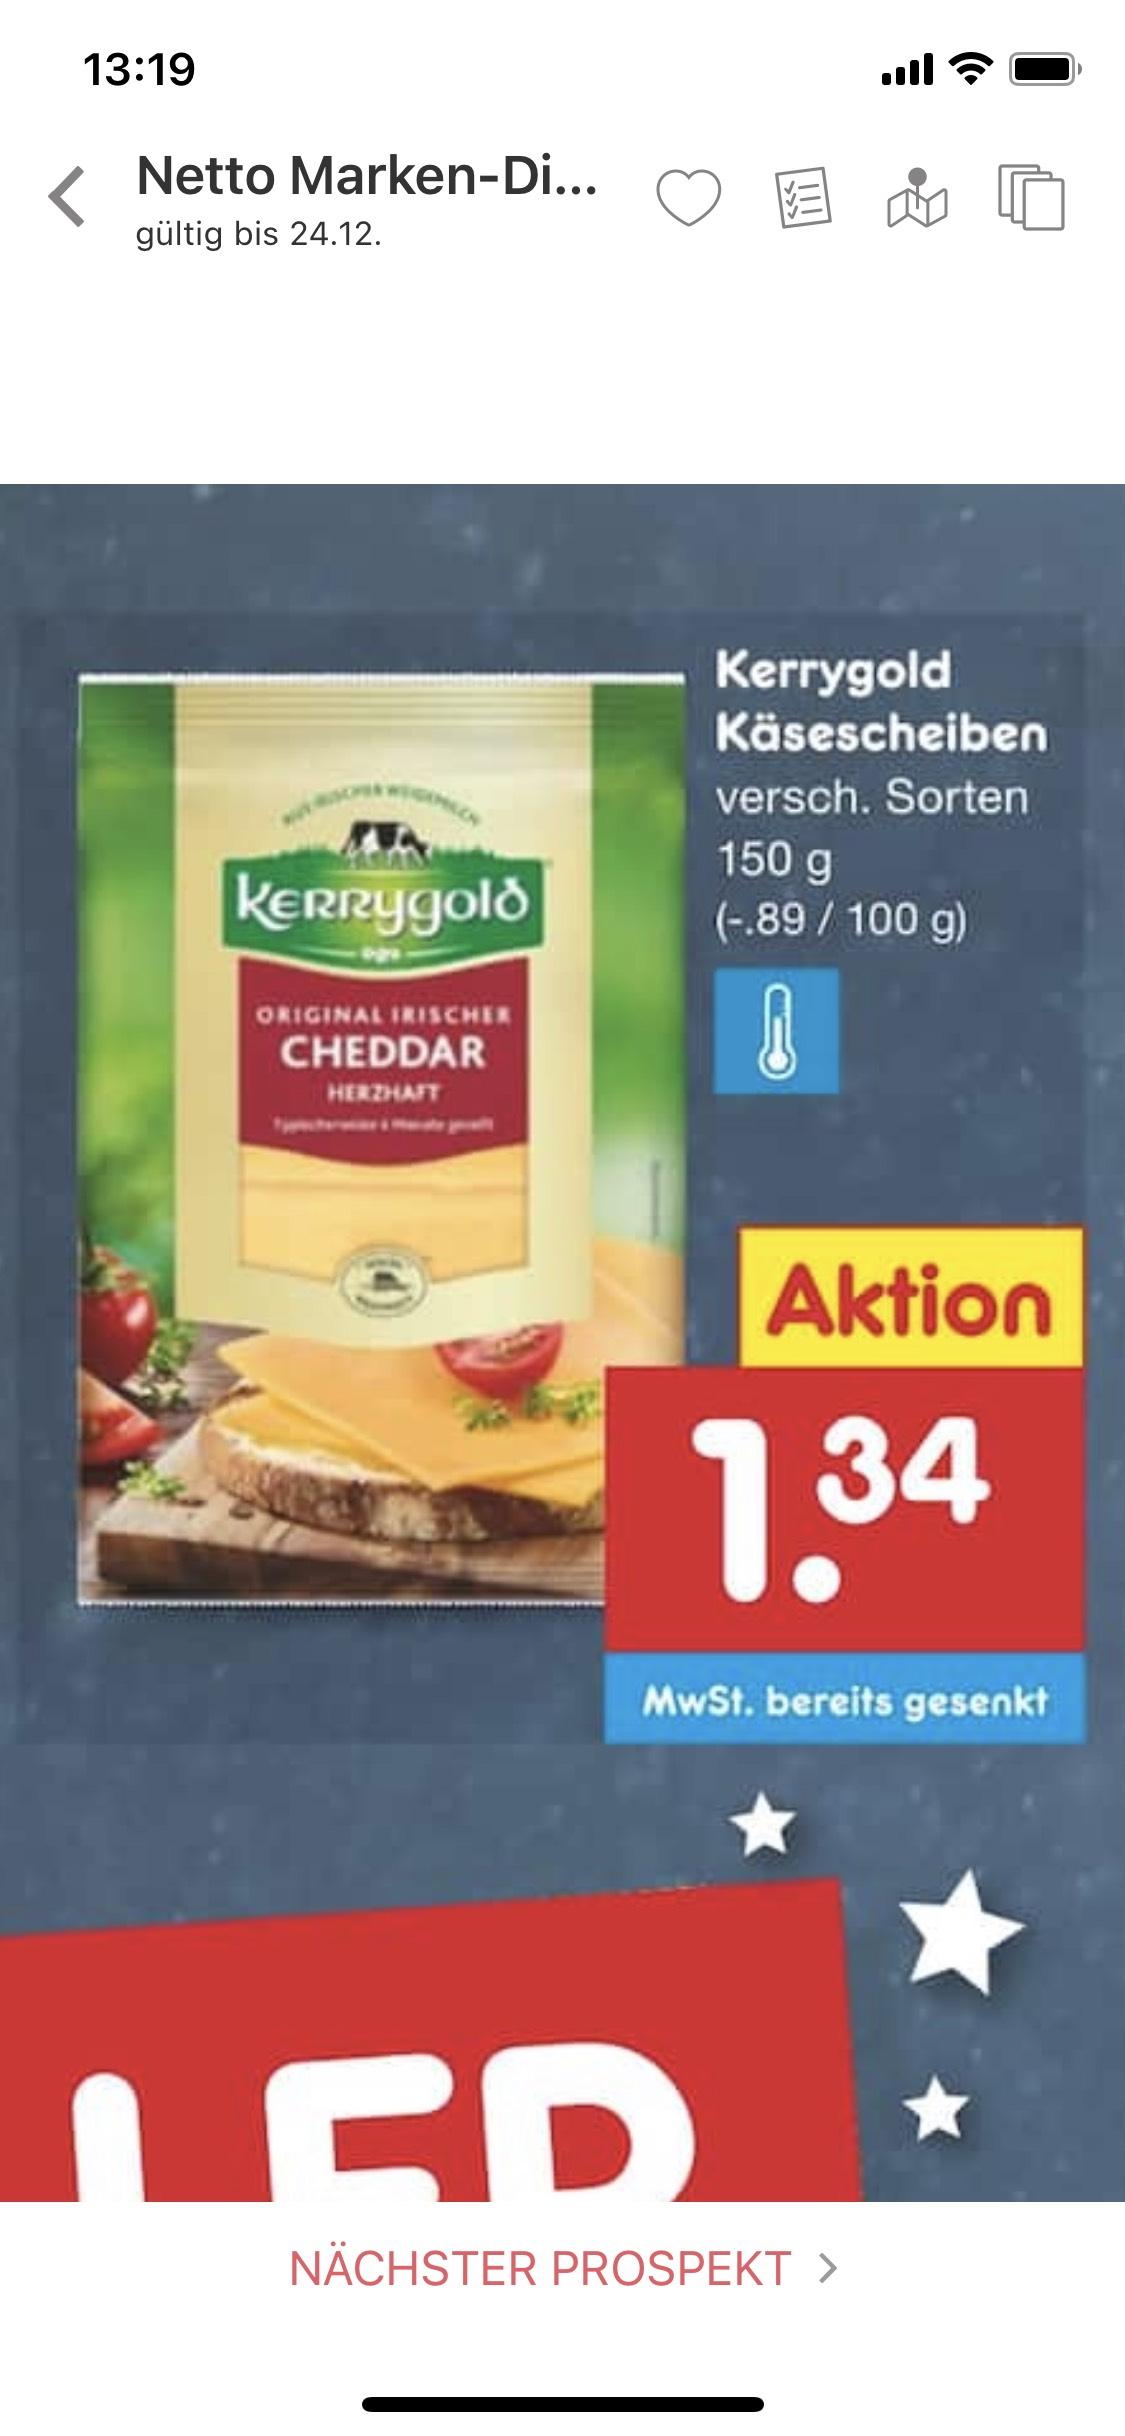 Kerrygold Cheddar und andere Sorten mit 150g für 1,34€ bei Netto